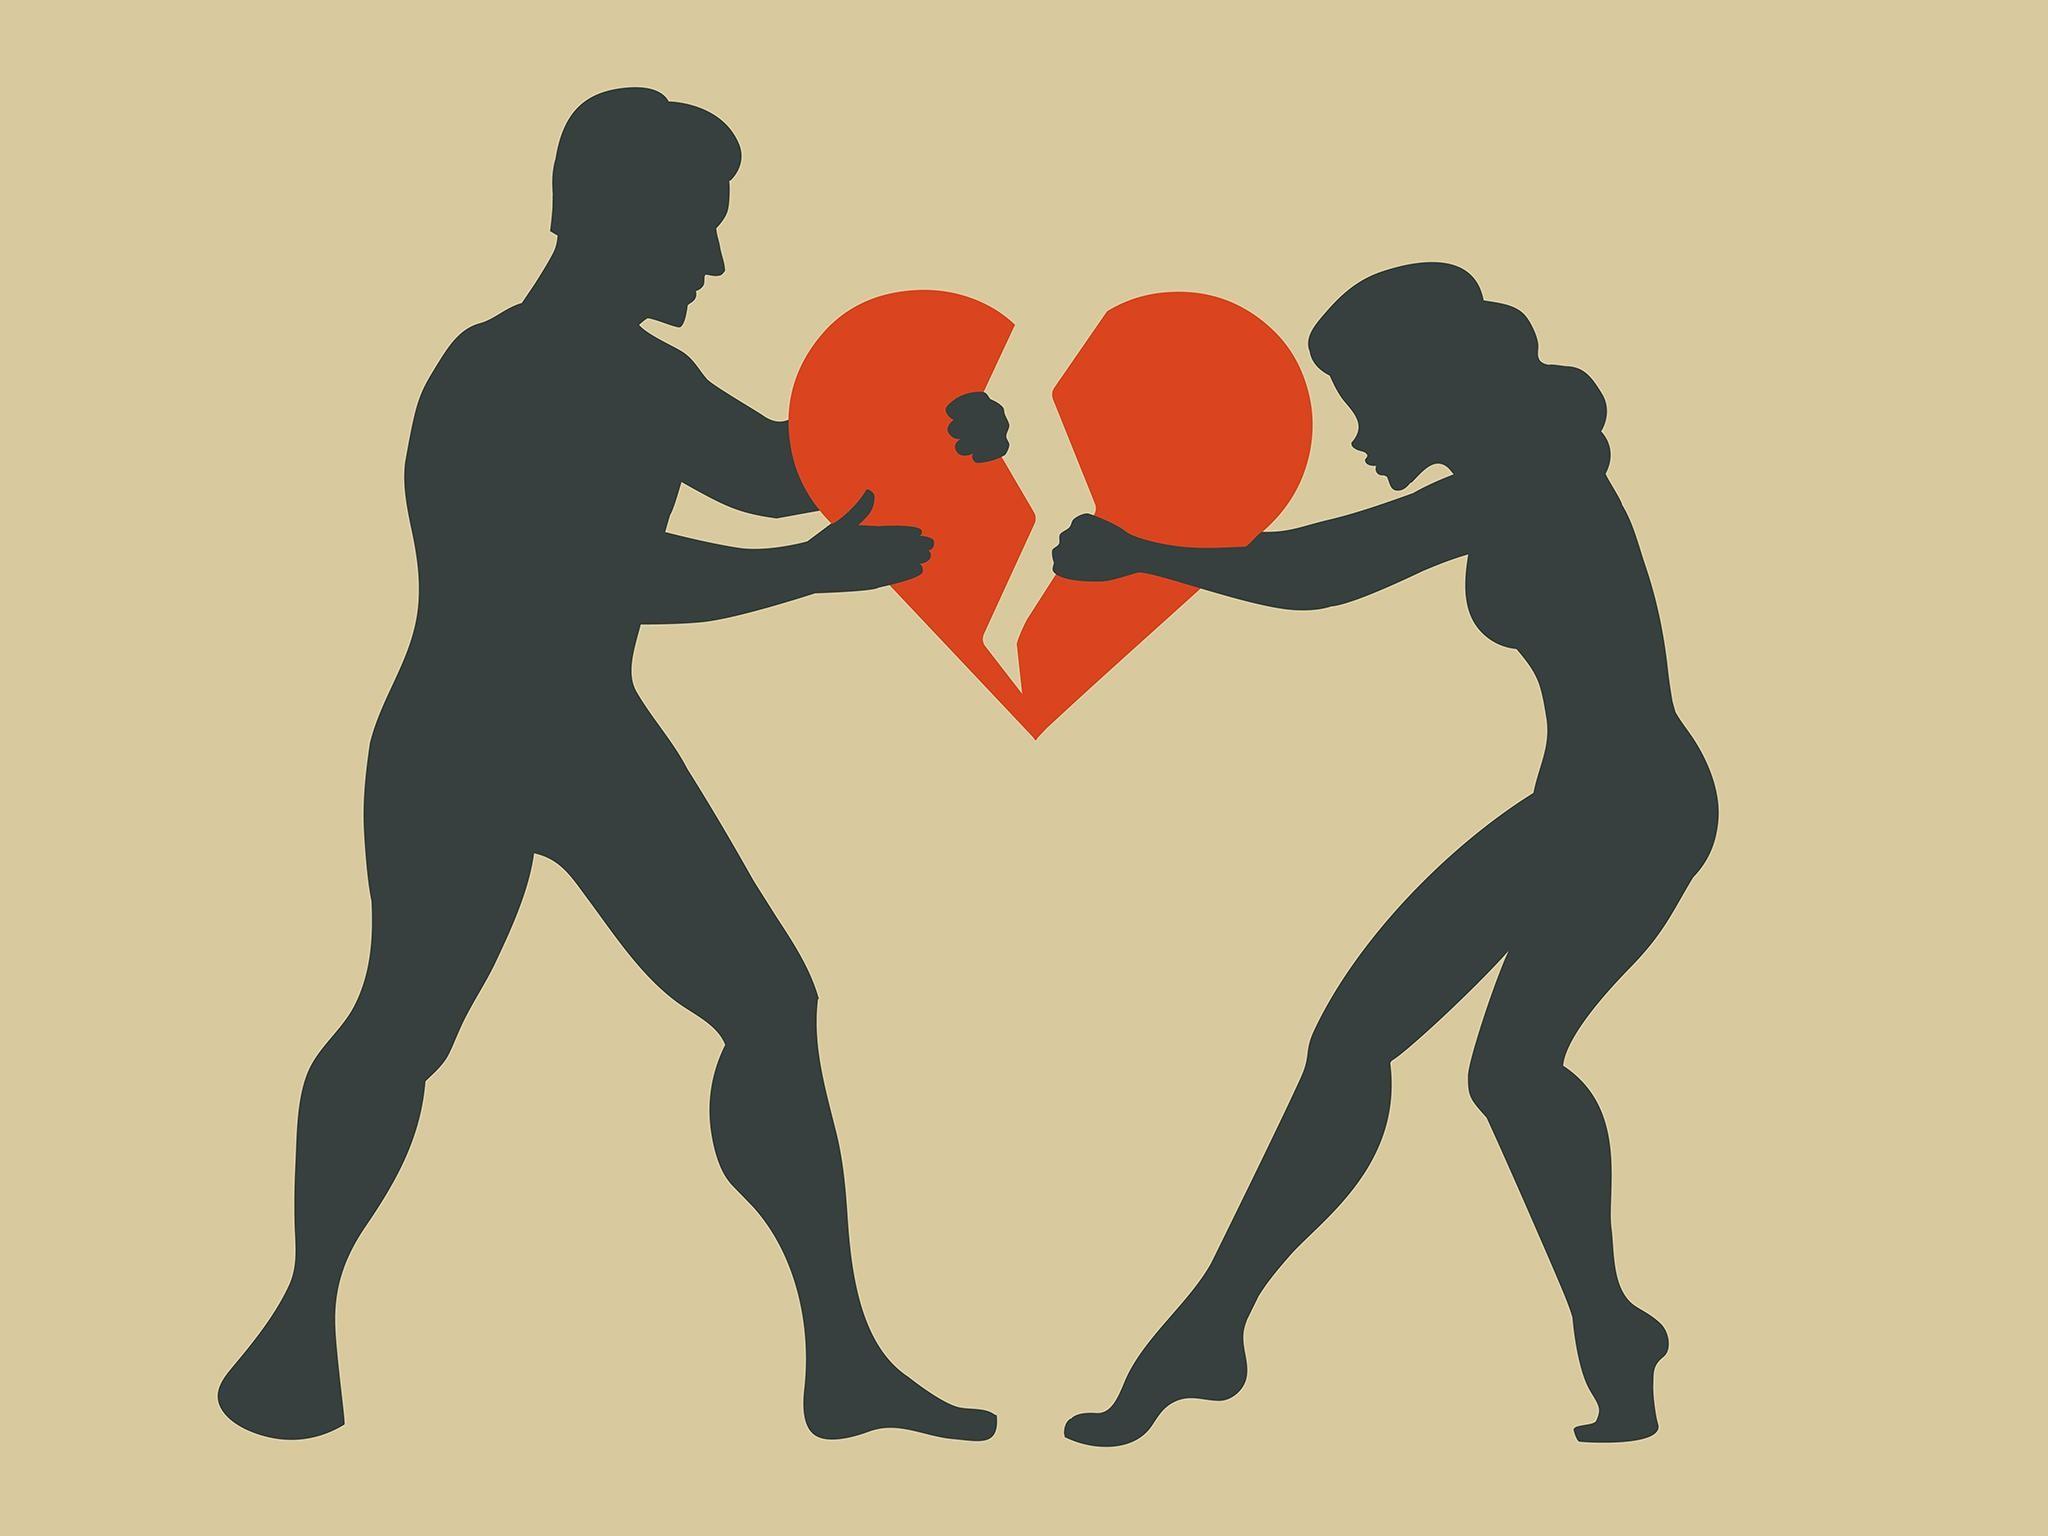 सम्बन्ध विच्छेद माग्दै मुद्दा दर्ता गर्ने पुरुषको संख्या बढ्यो